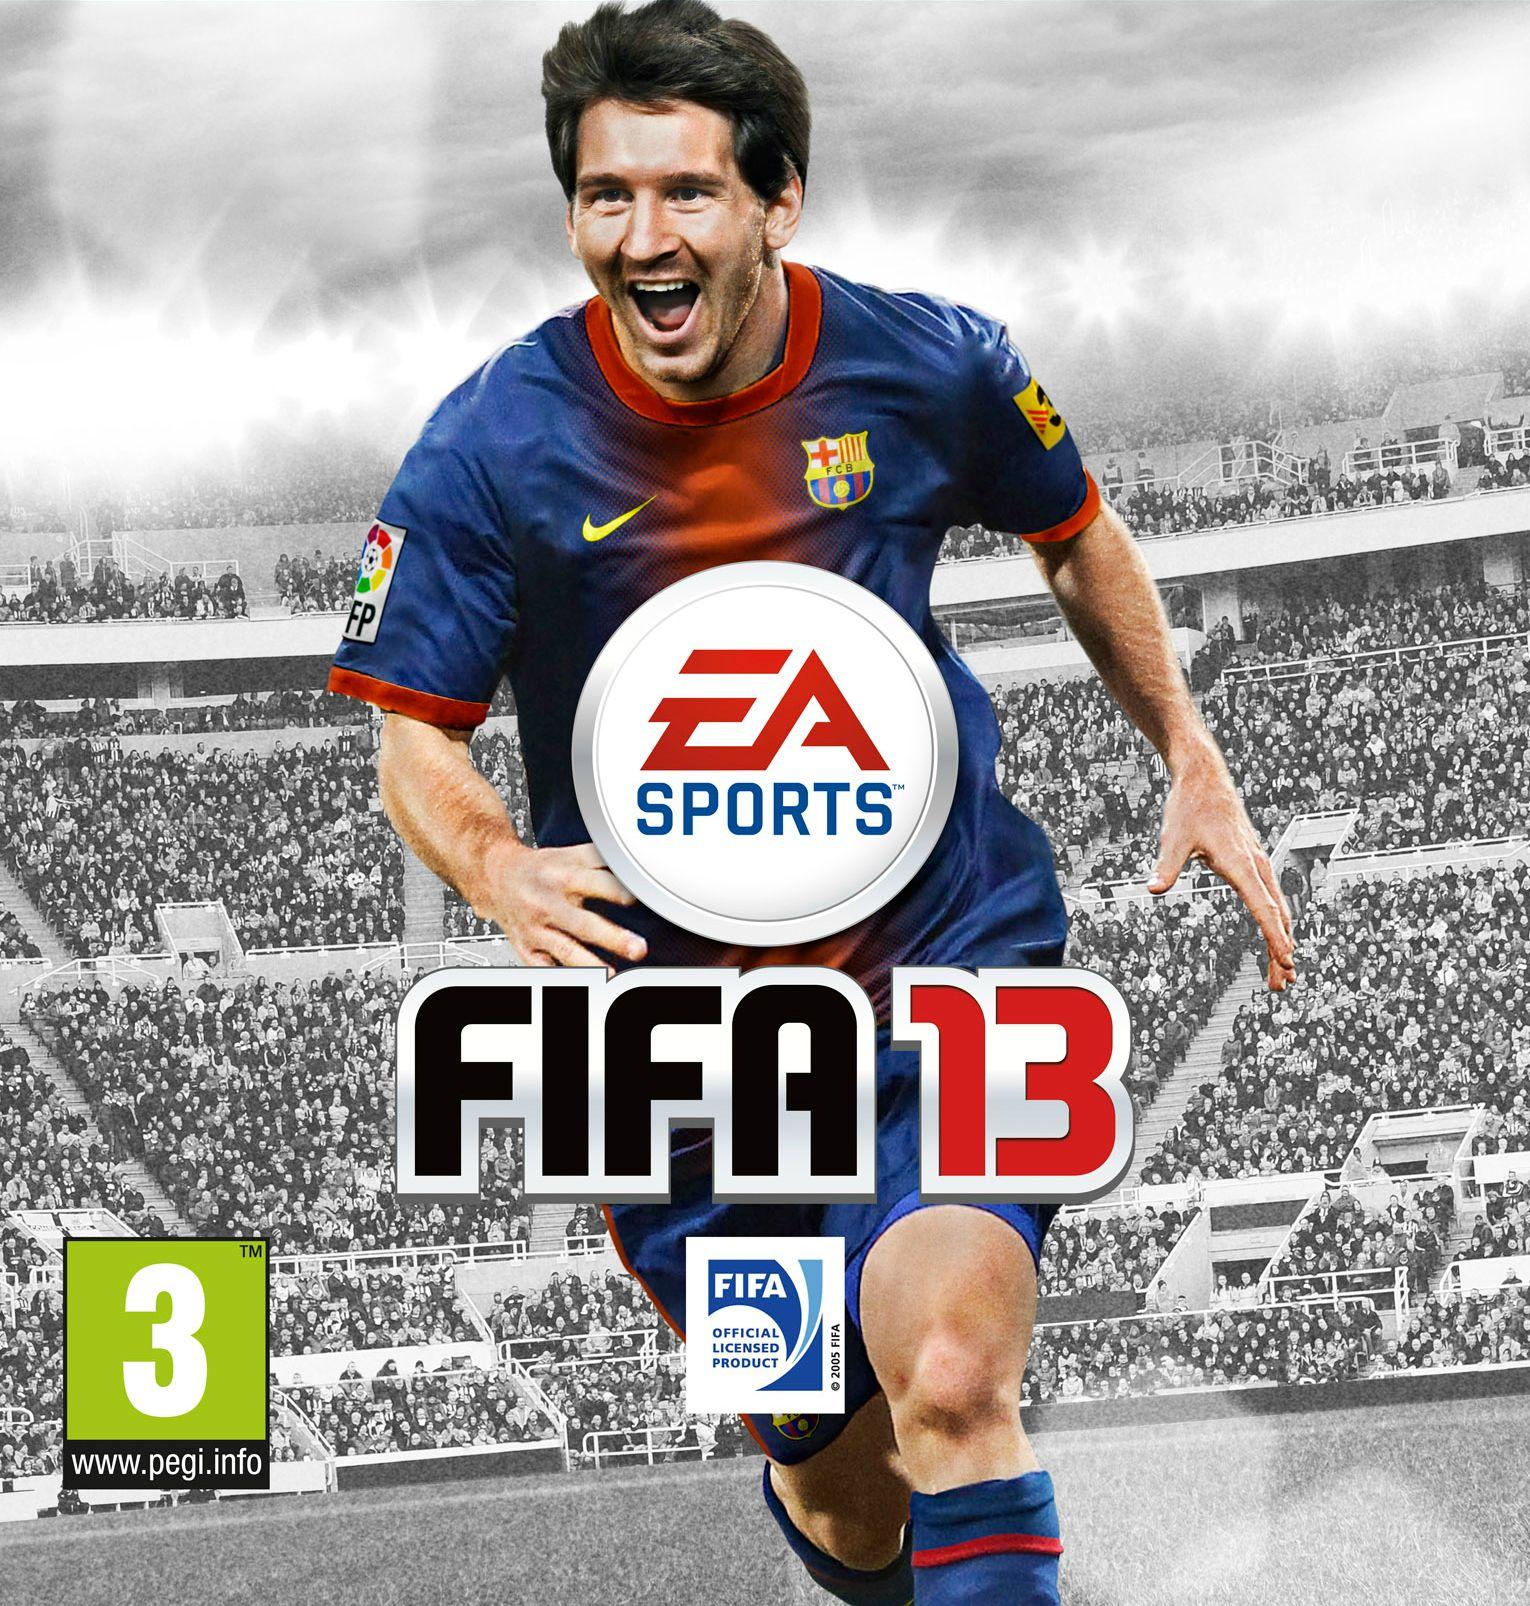 Fifa 13'ün bu seneki yüzü Lionel Messi